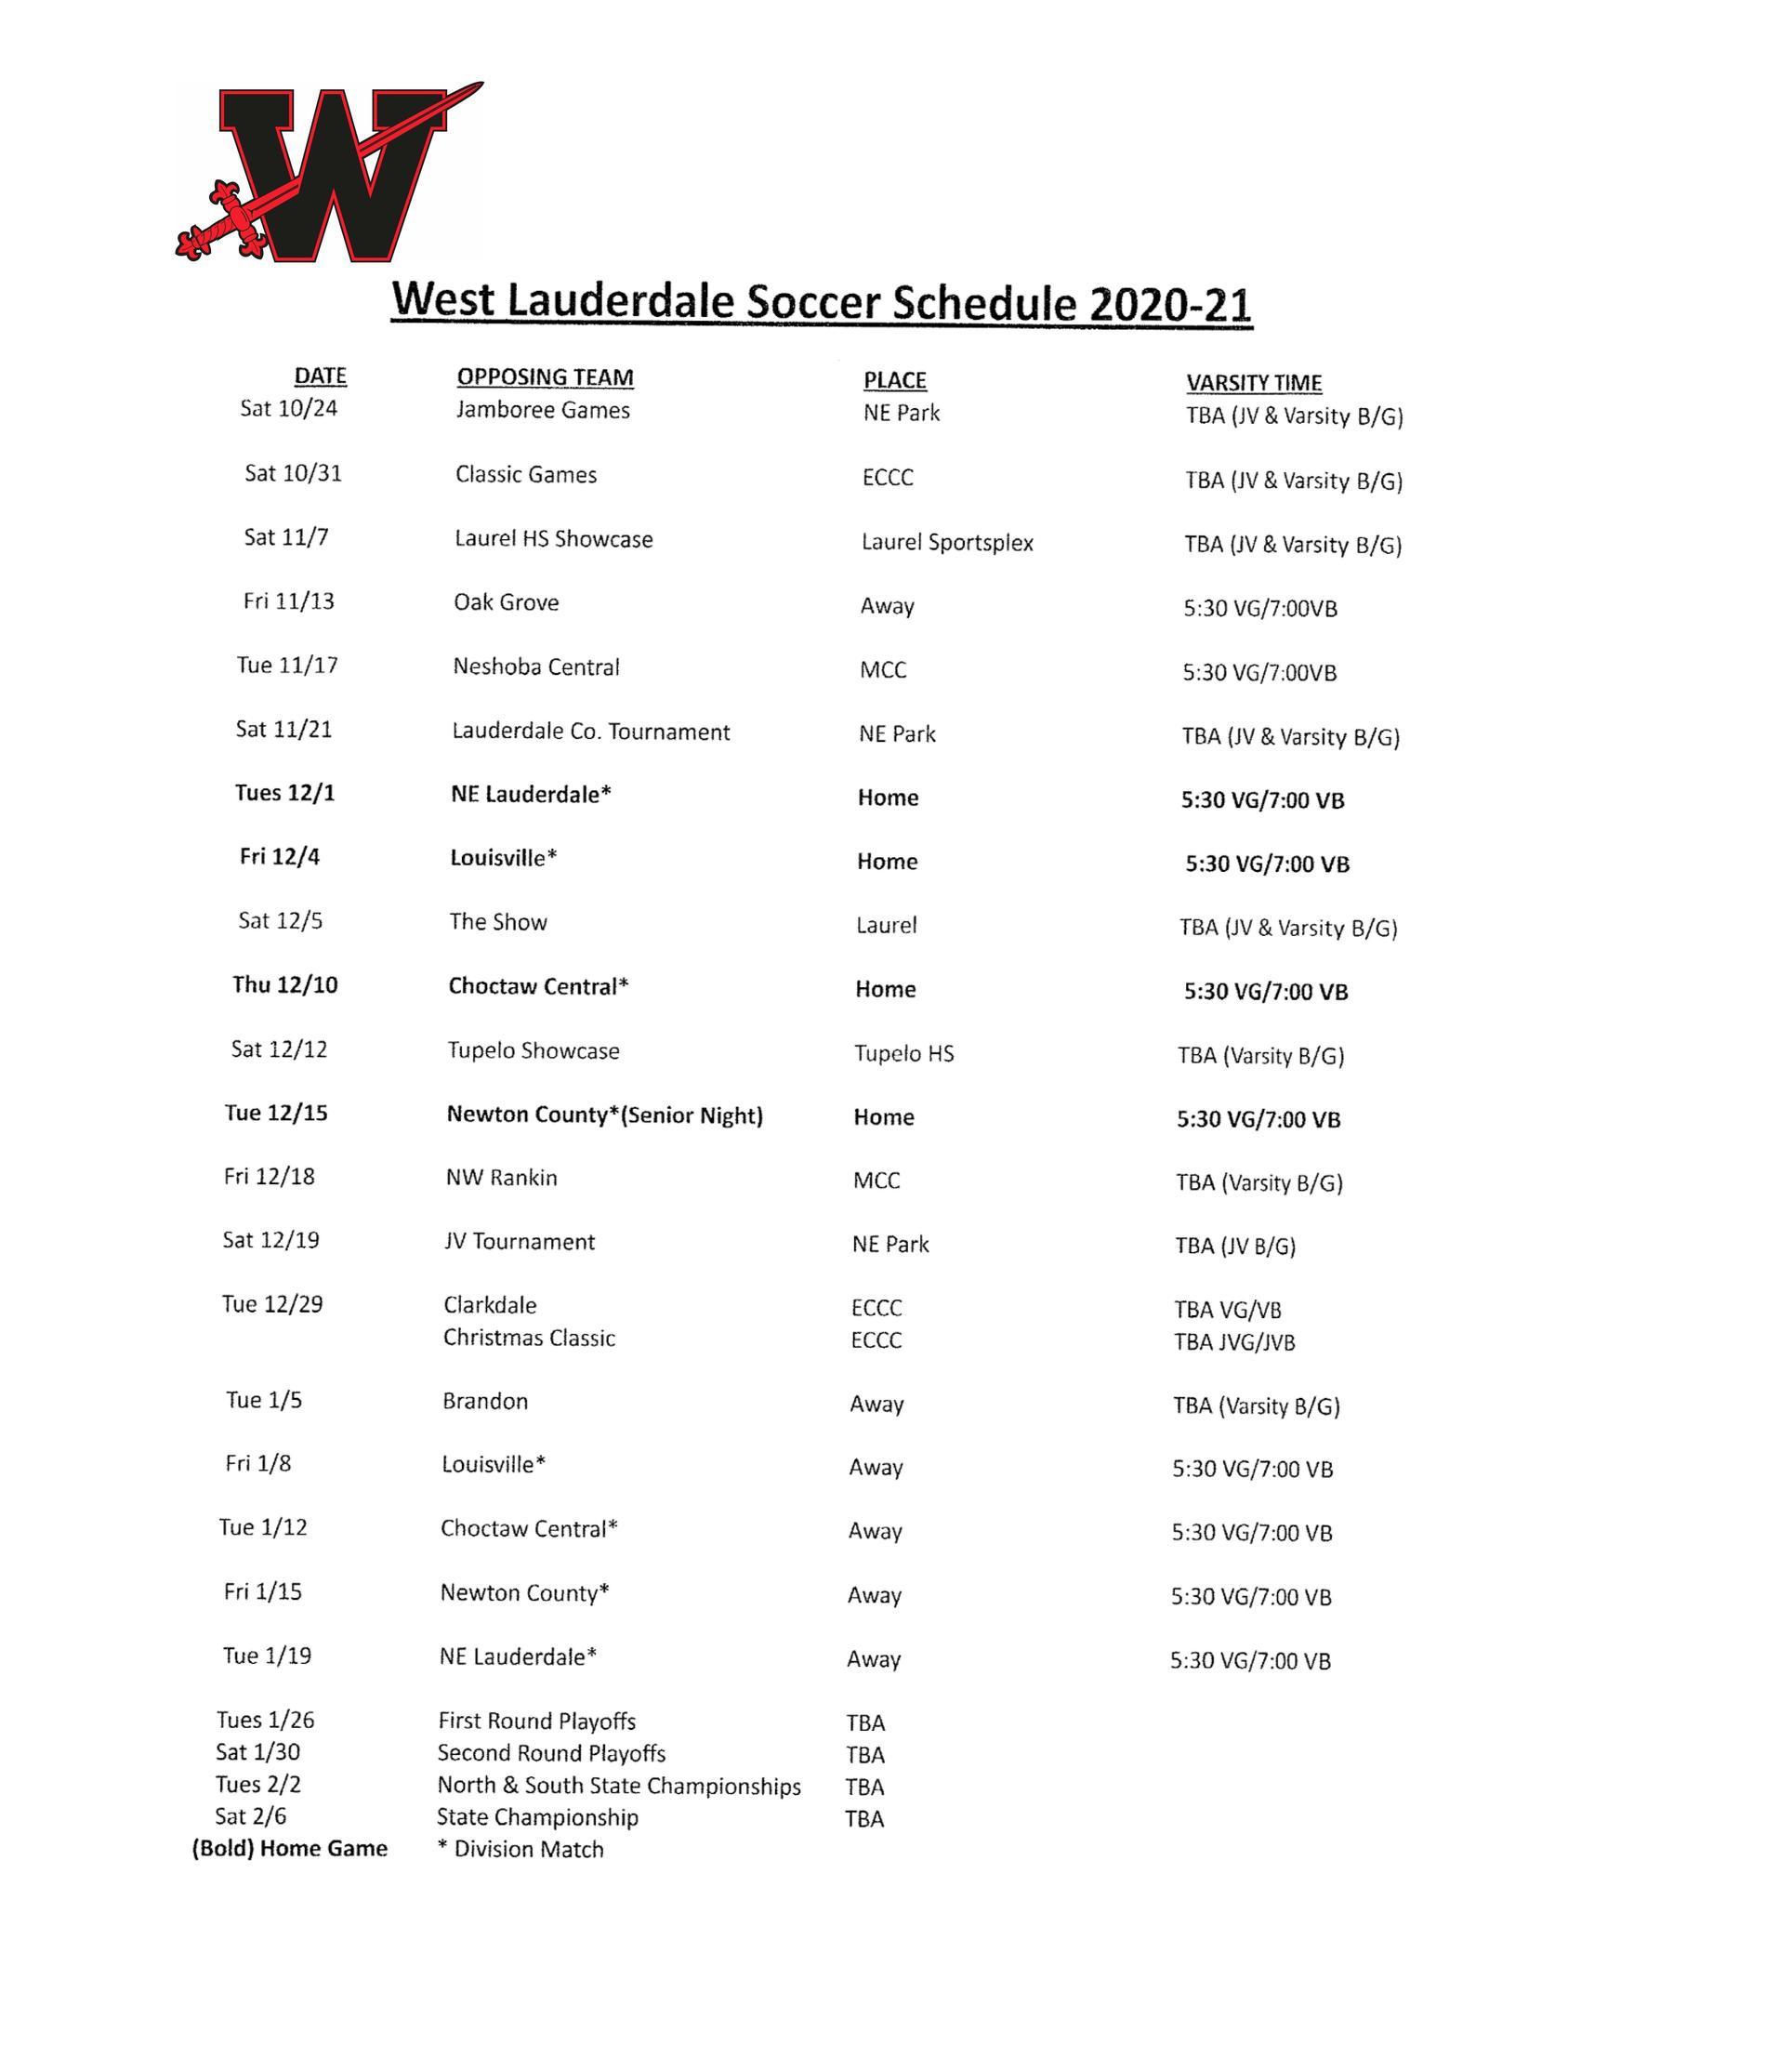 WLHS 2020/21 Soccer Schedule